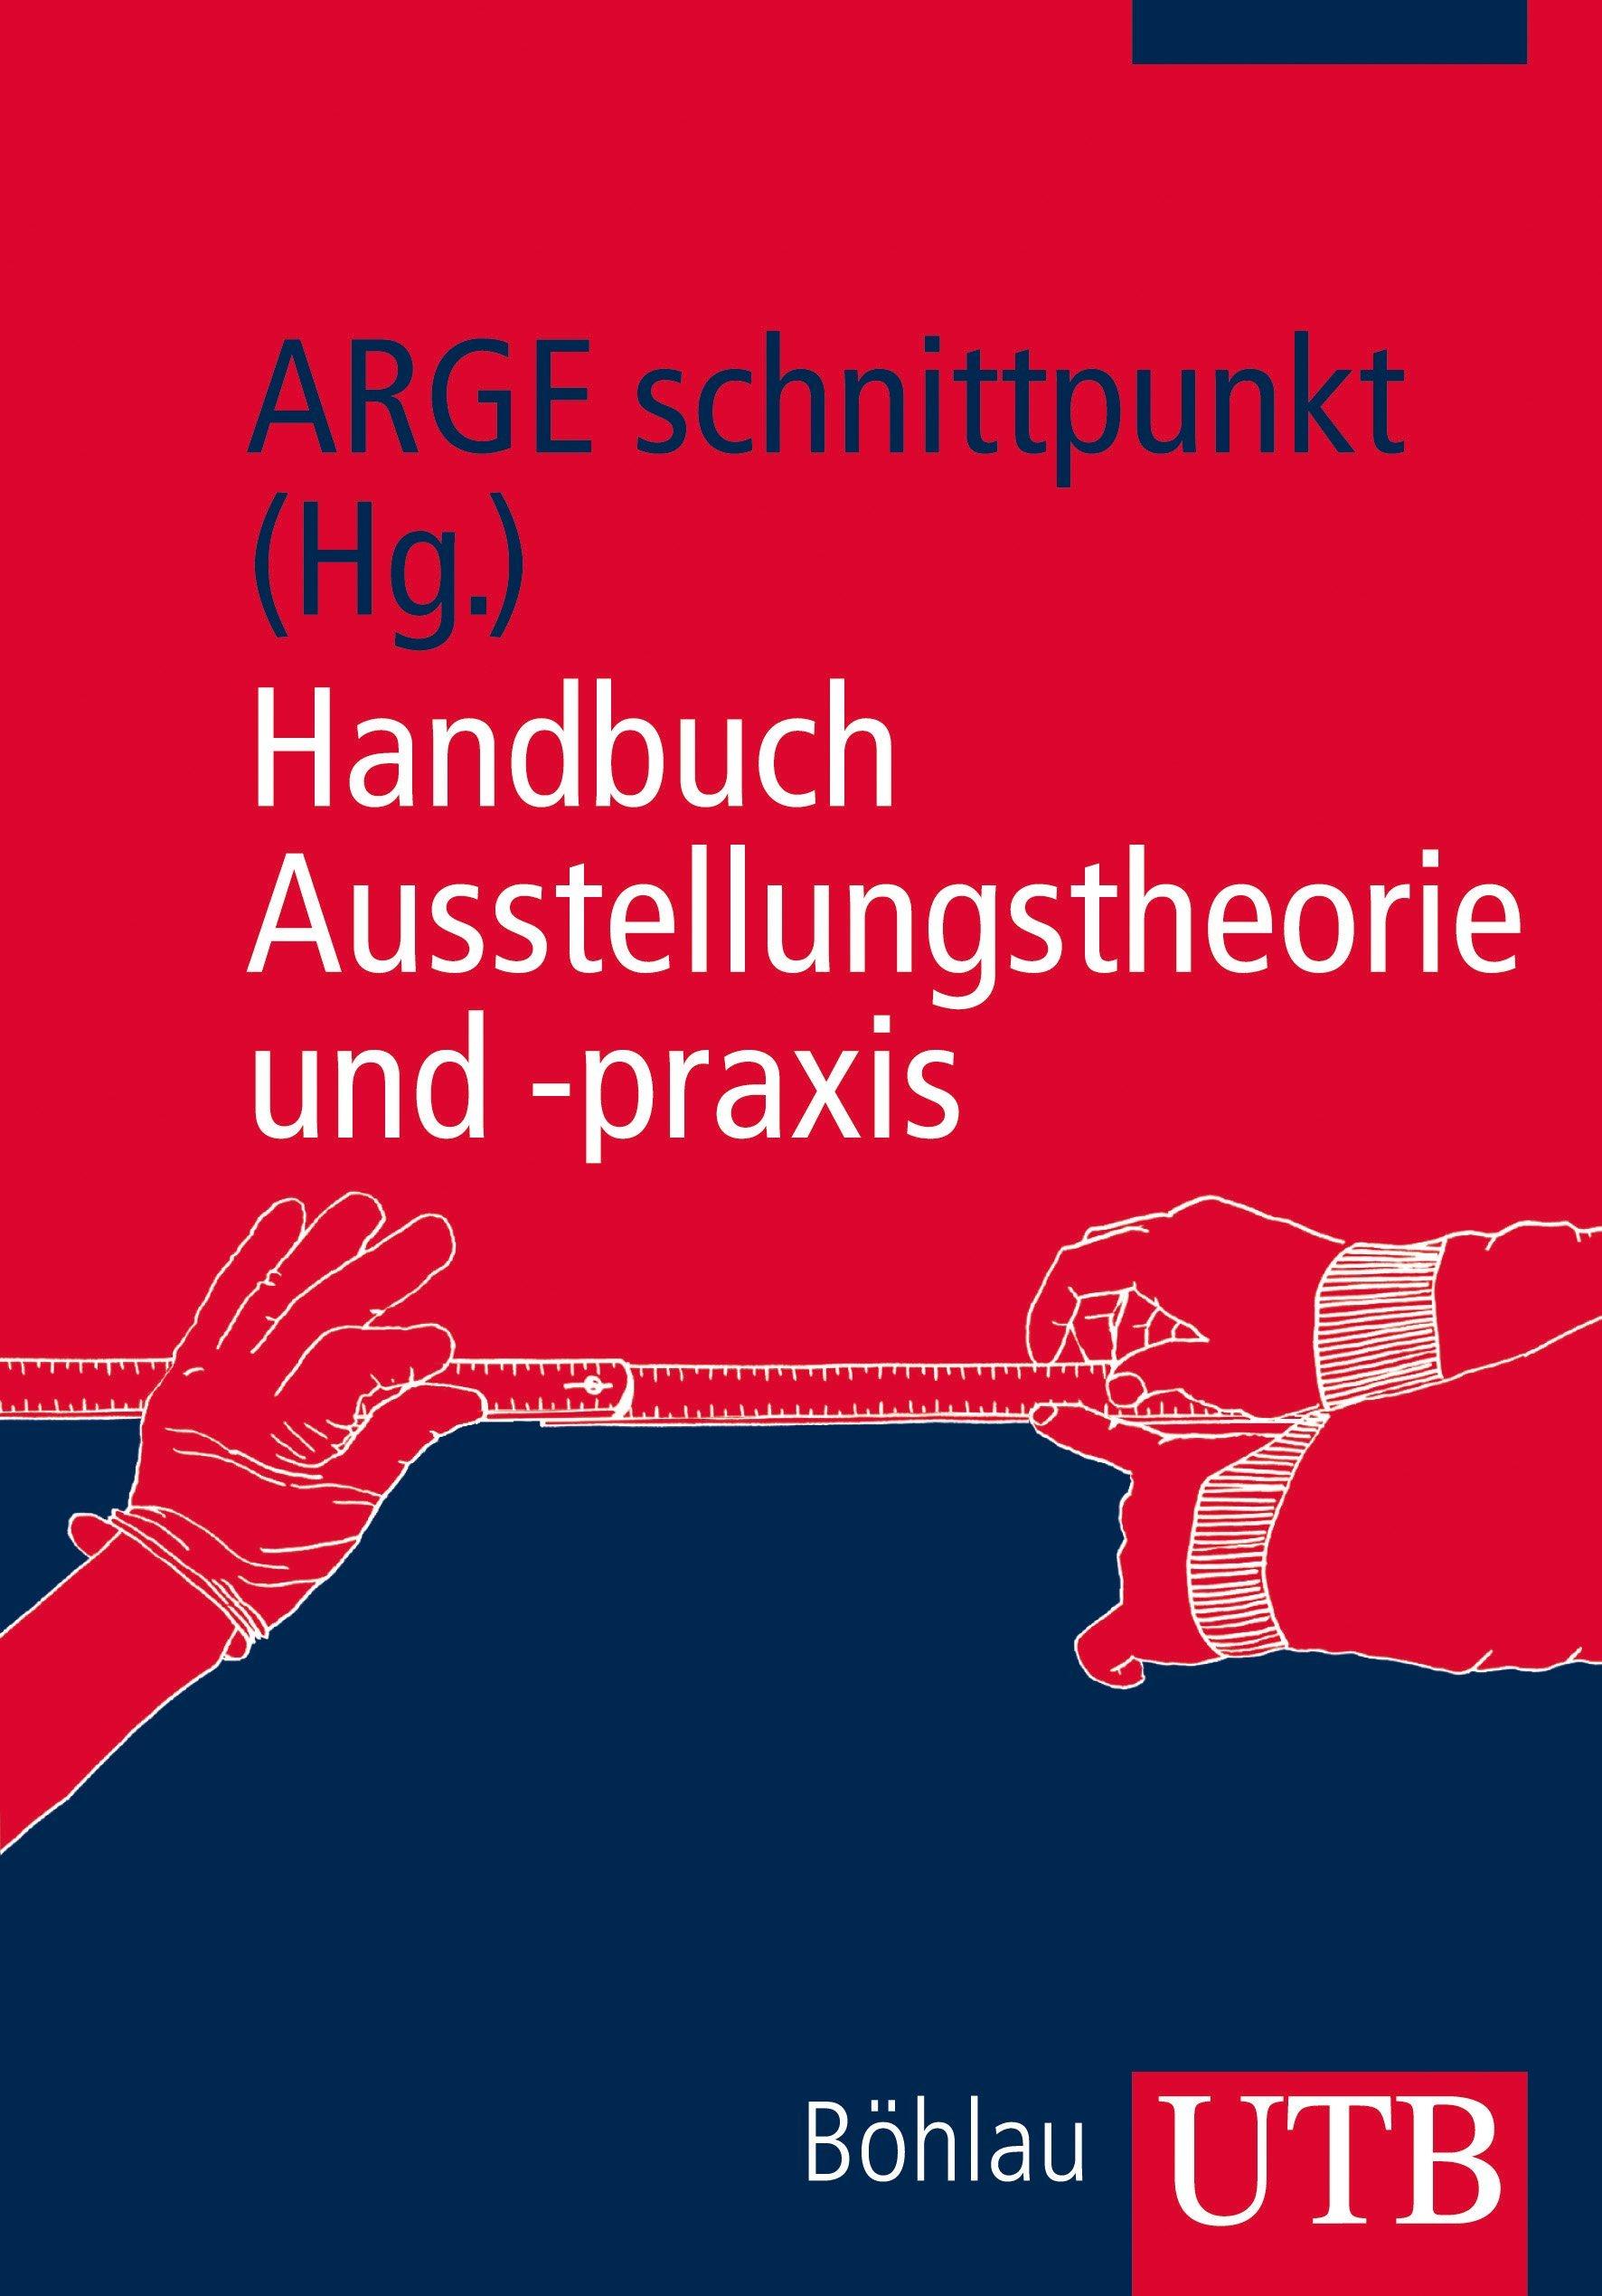 Handbuch Ausstellungstheorie und -praxis (Utb)